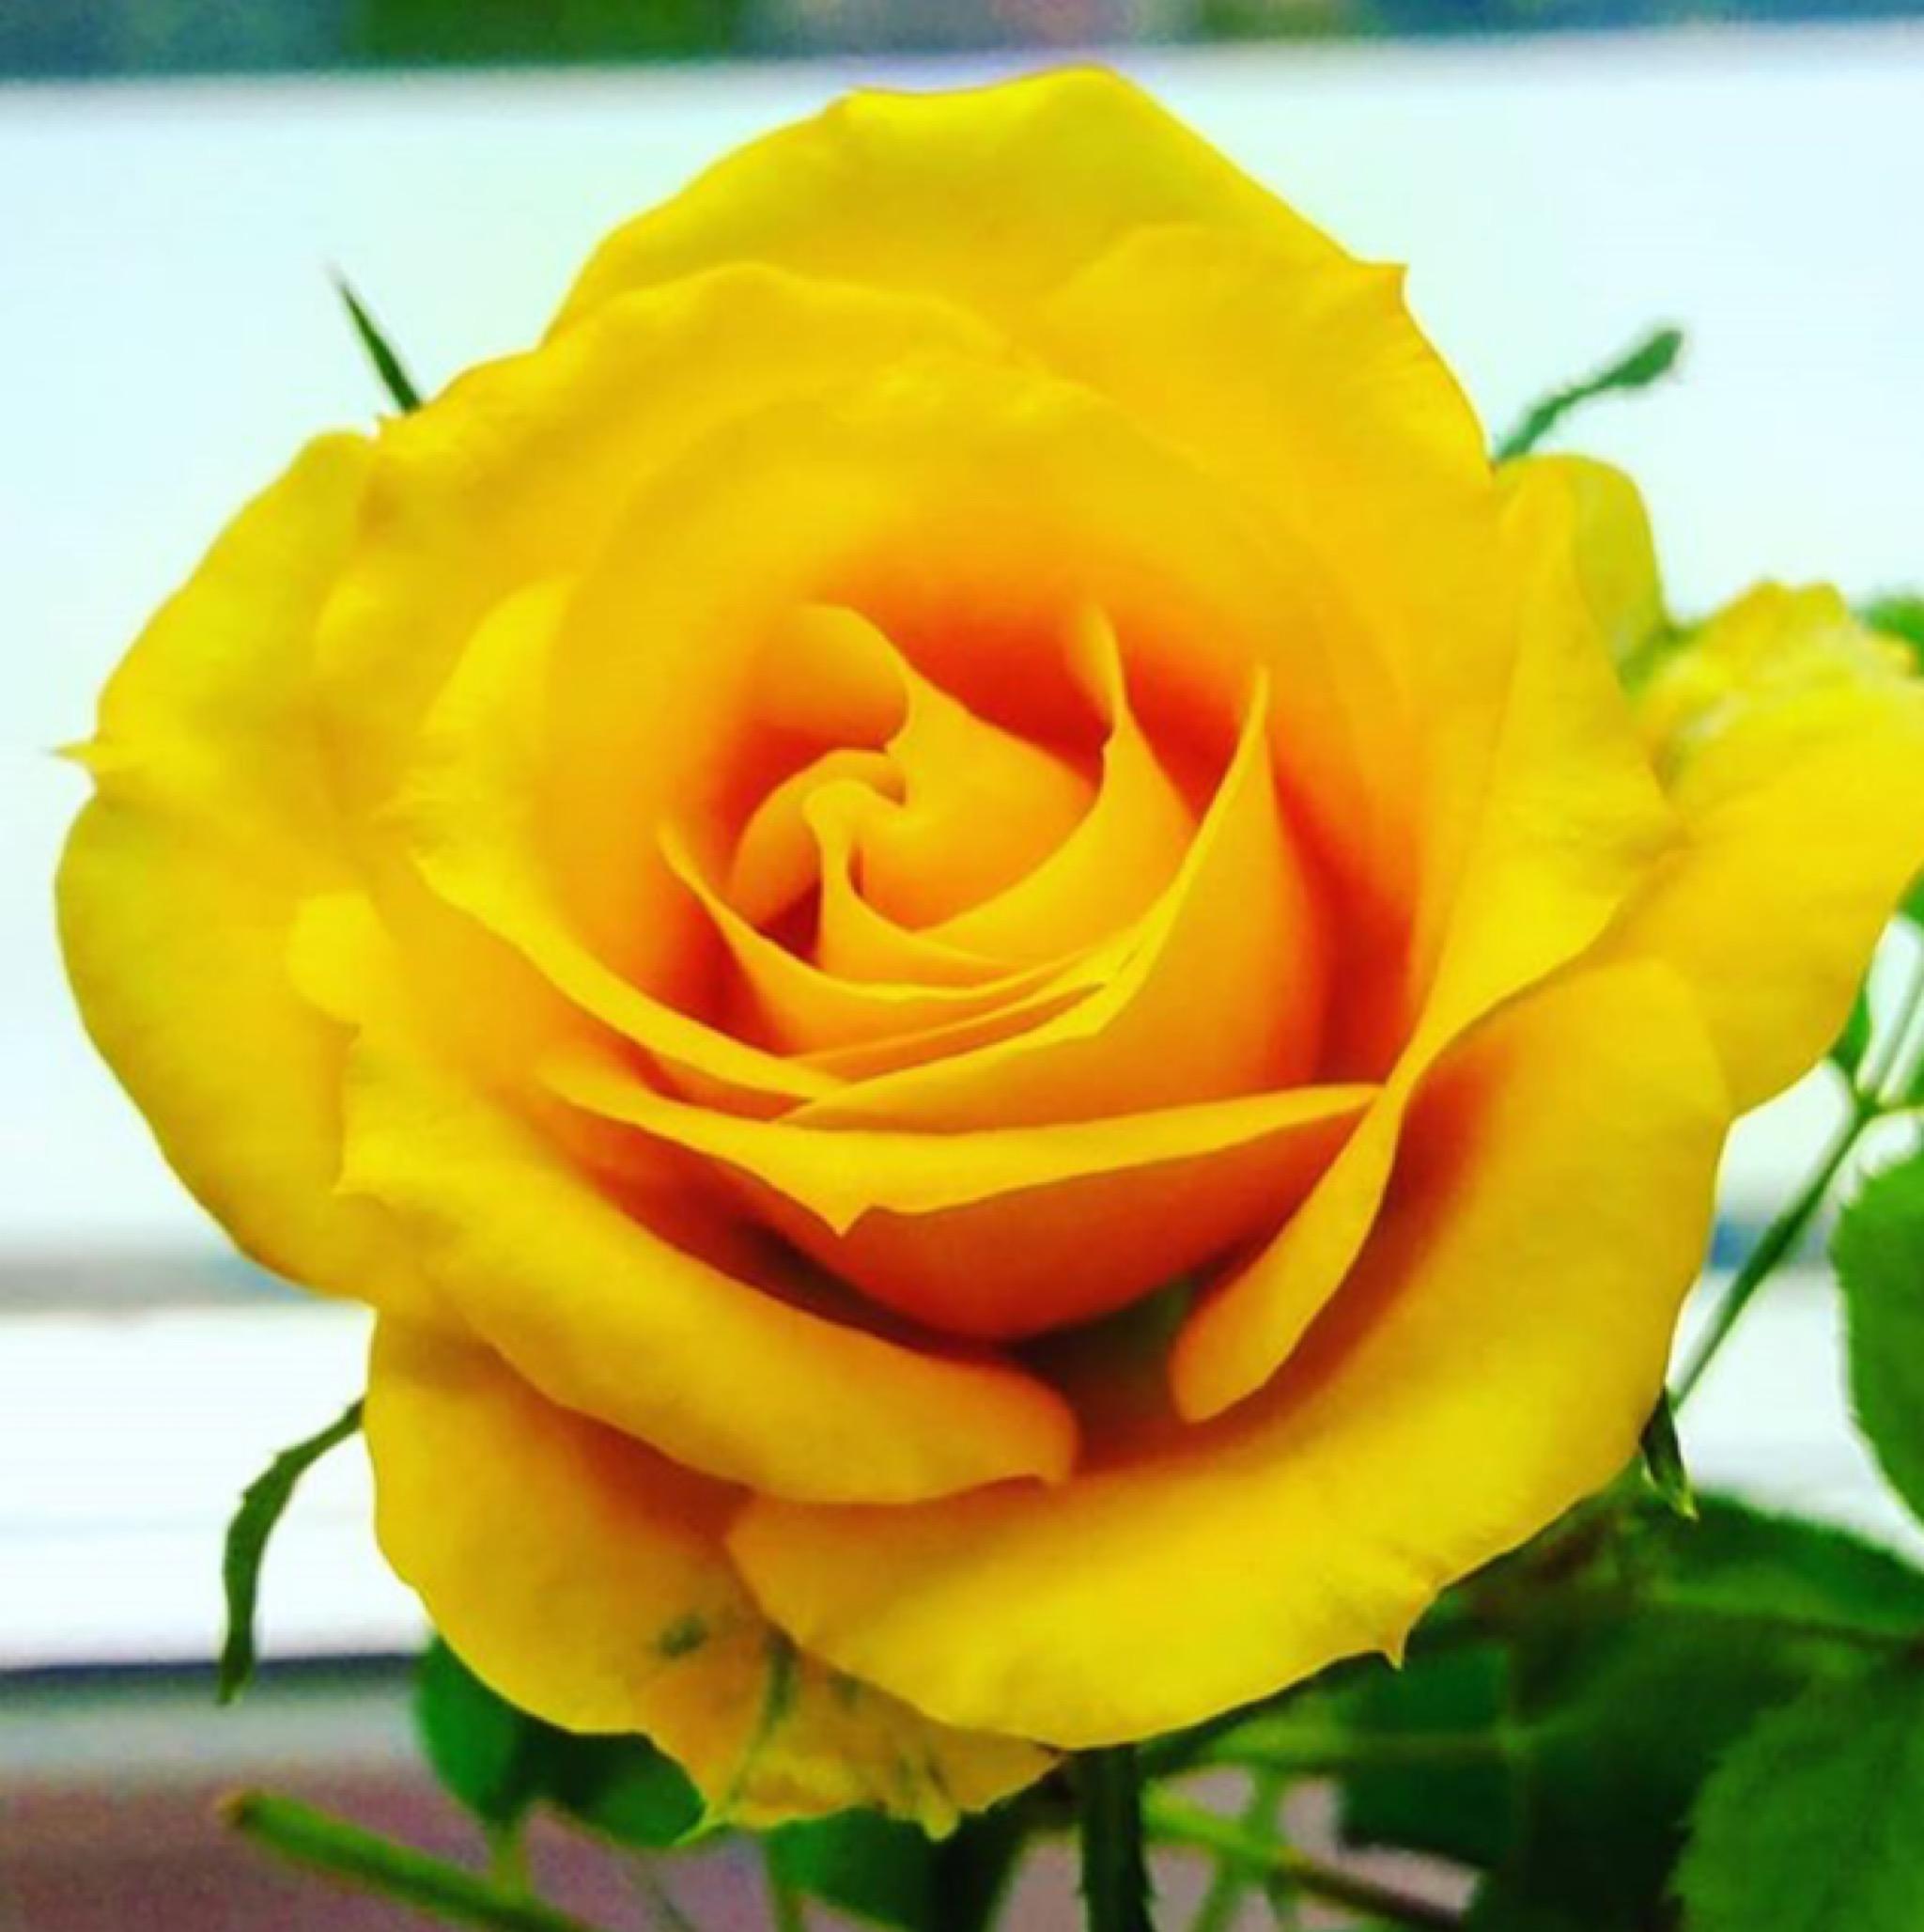 Солнечная роза. Блиц: желтые цветы